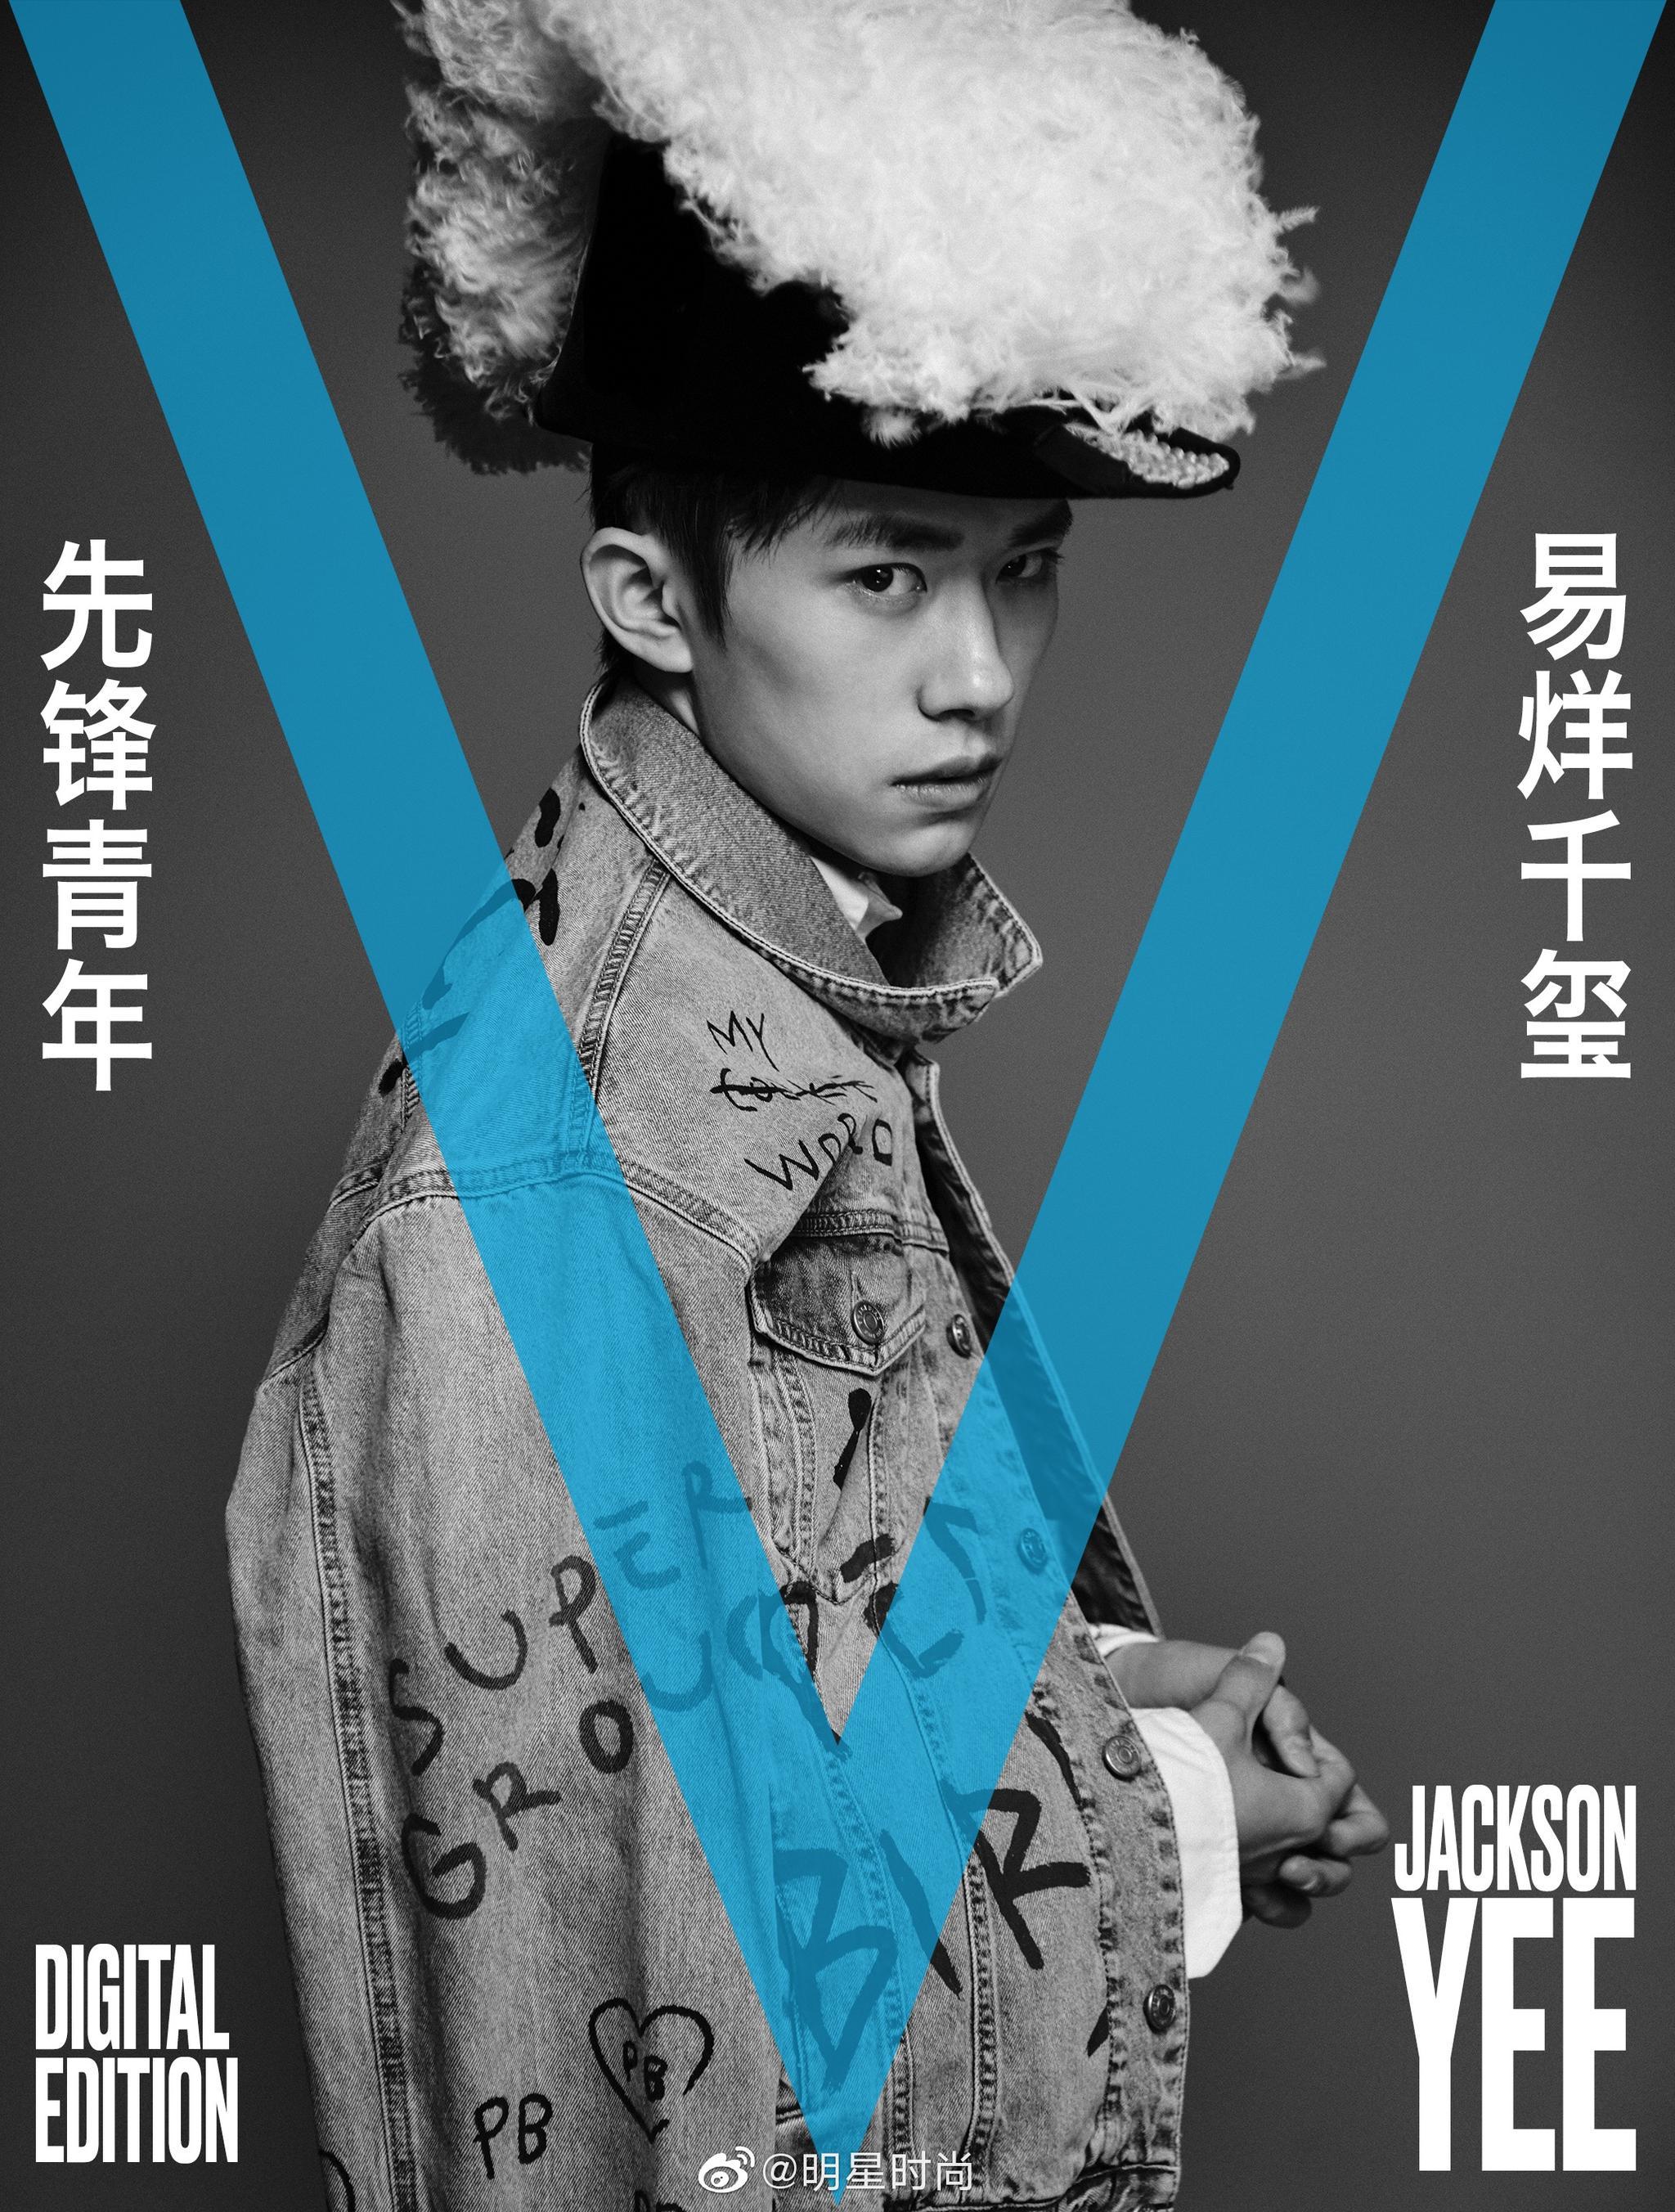 易烊千玺✖️《V Magazine》2019年4月电子刊封面,随心而至